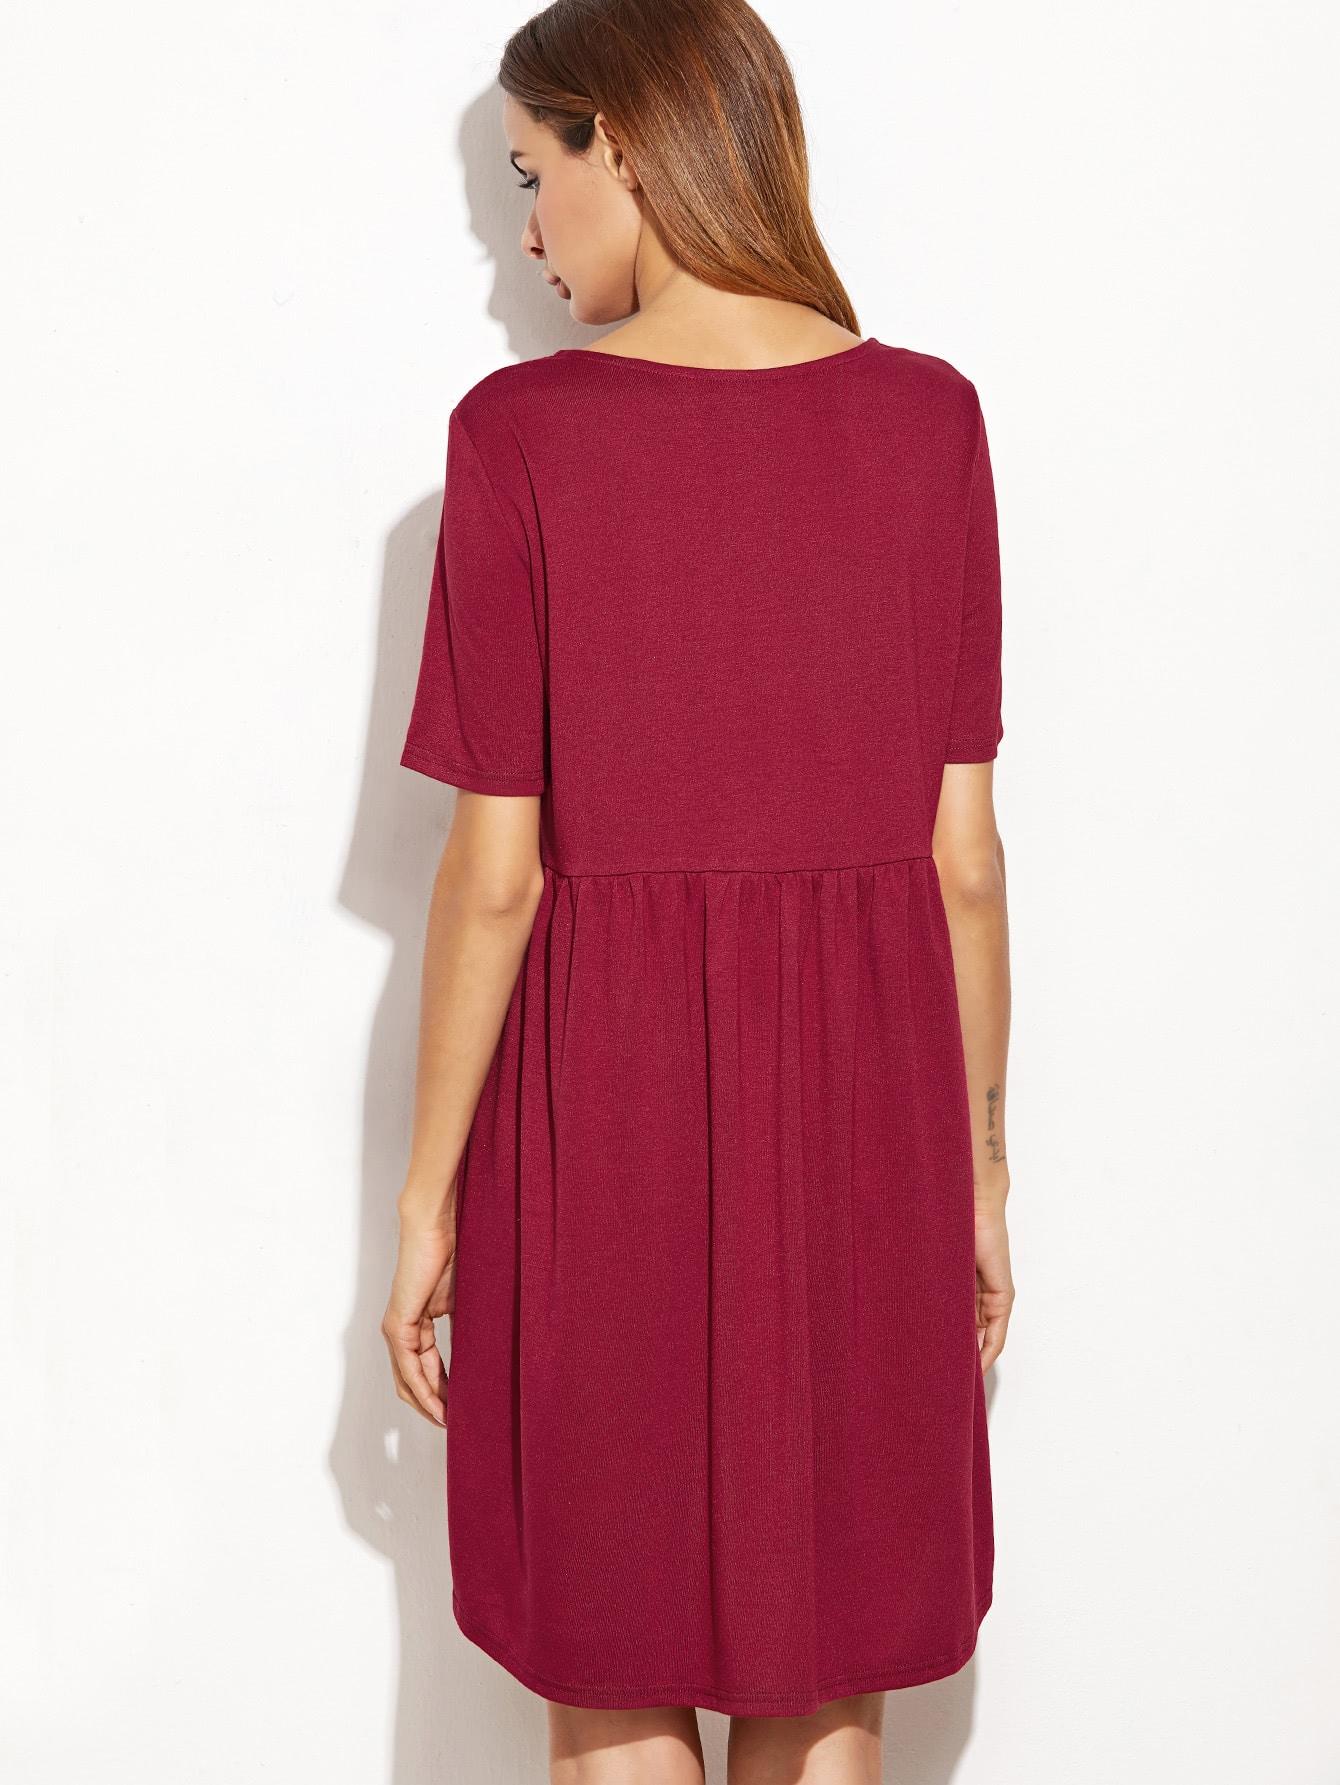 dress161118711_2